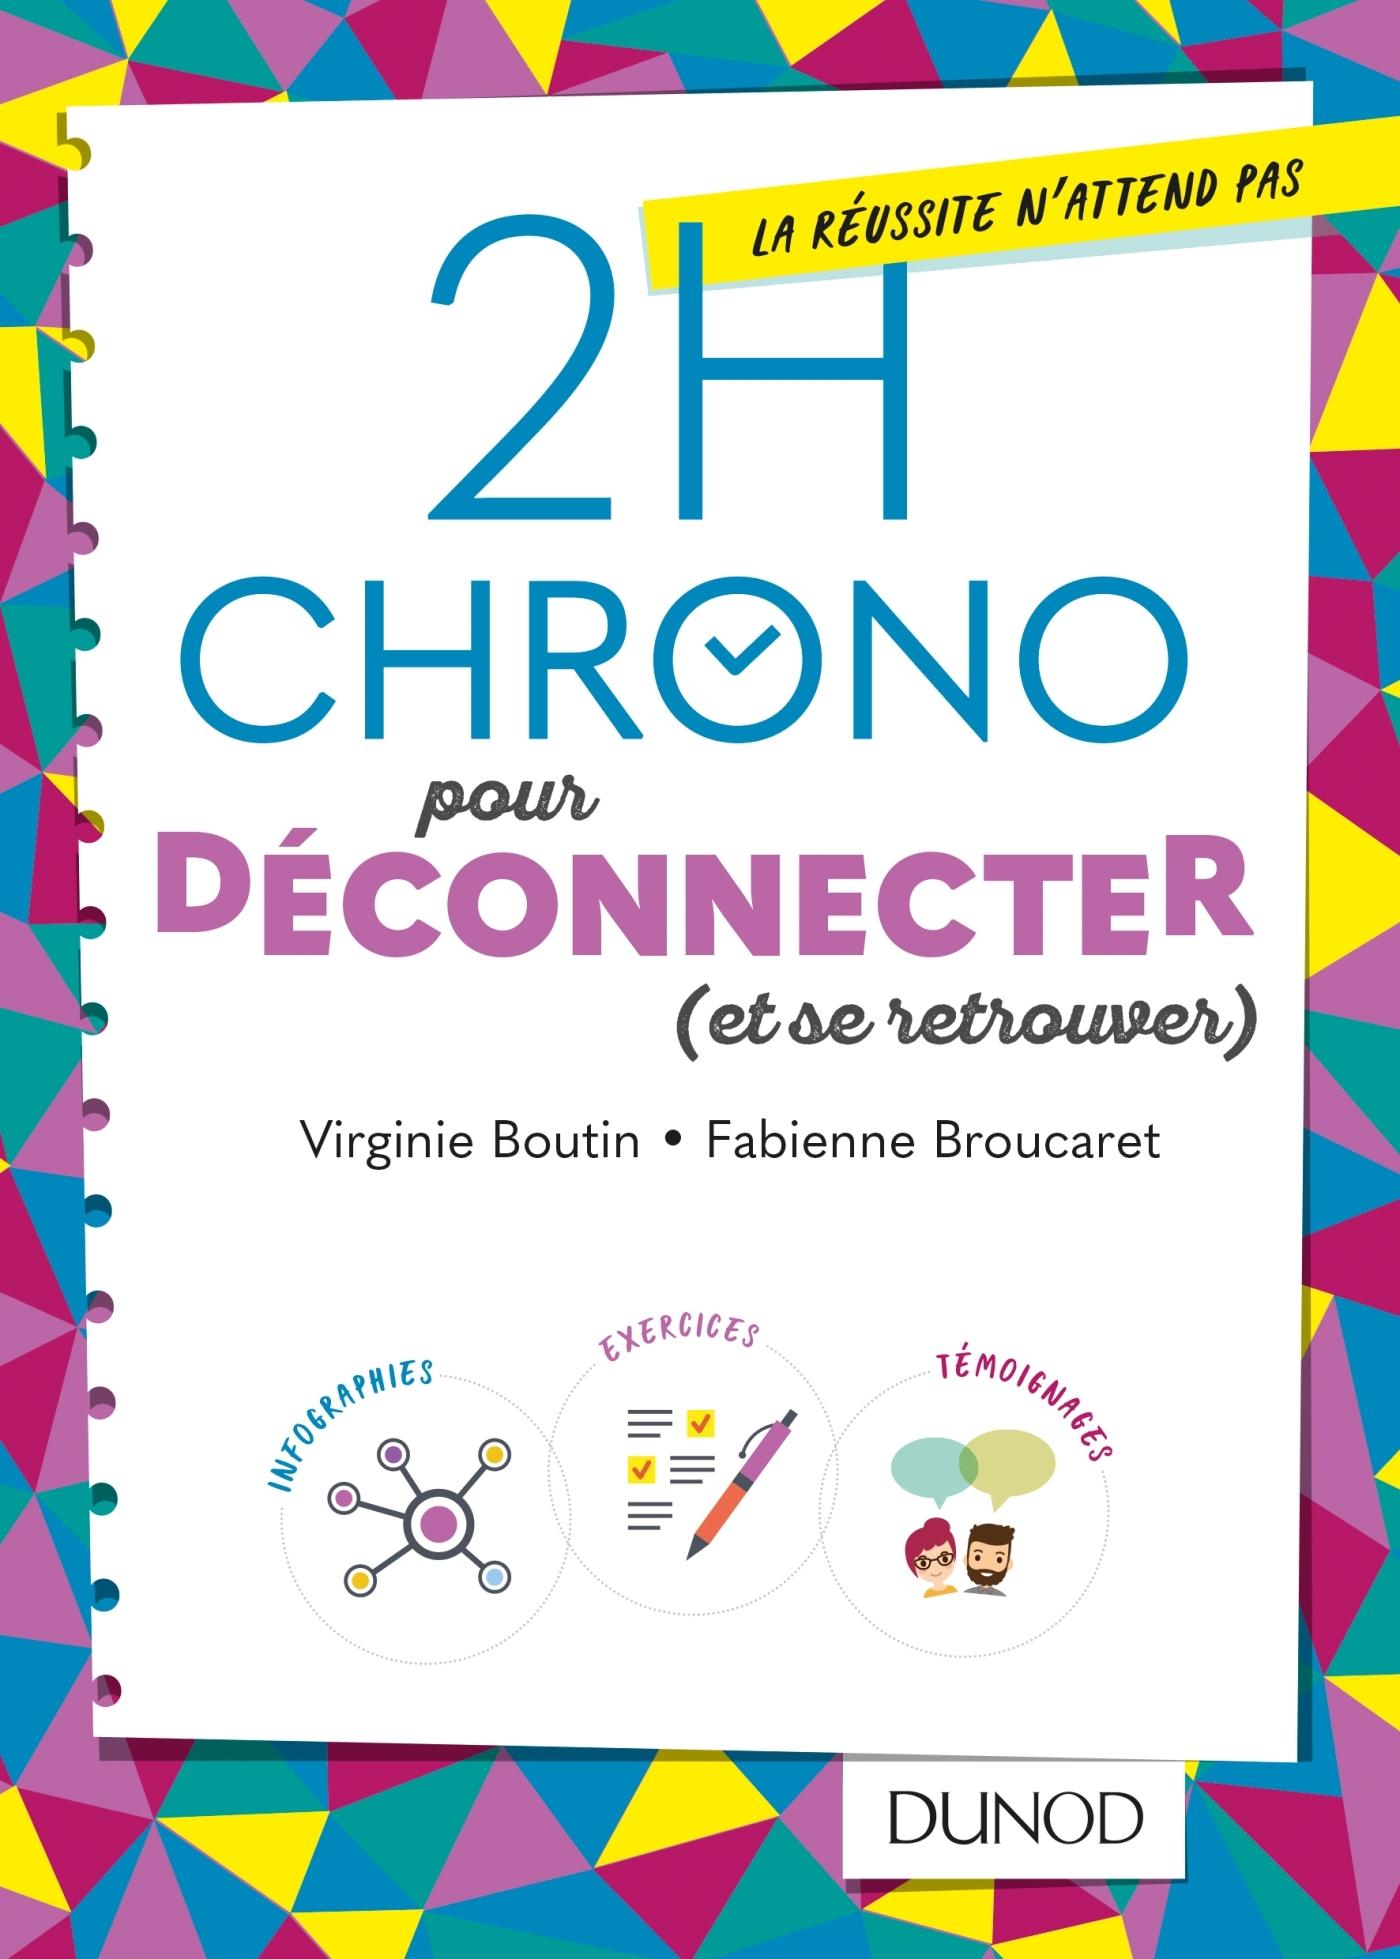 2H CHRONO POUR DECONNECTER (ET SE RETROUVER)